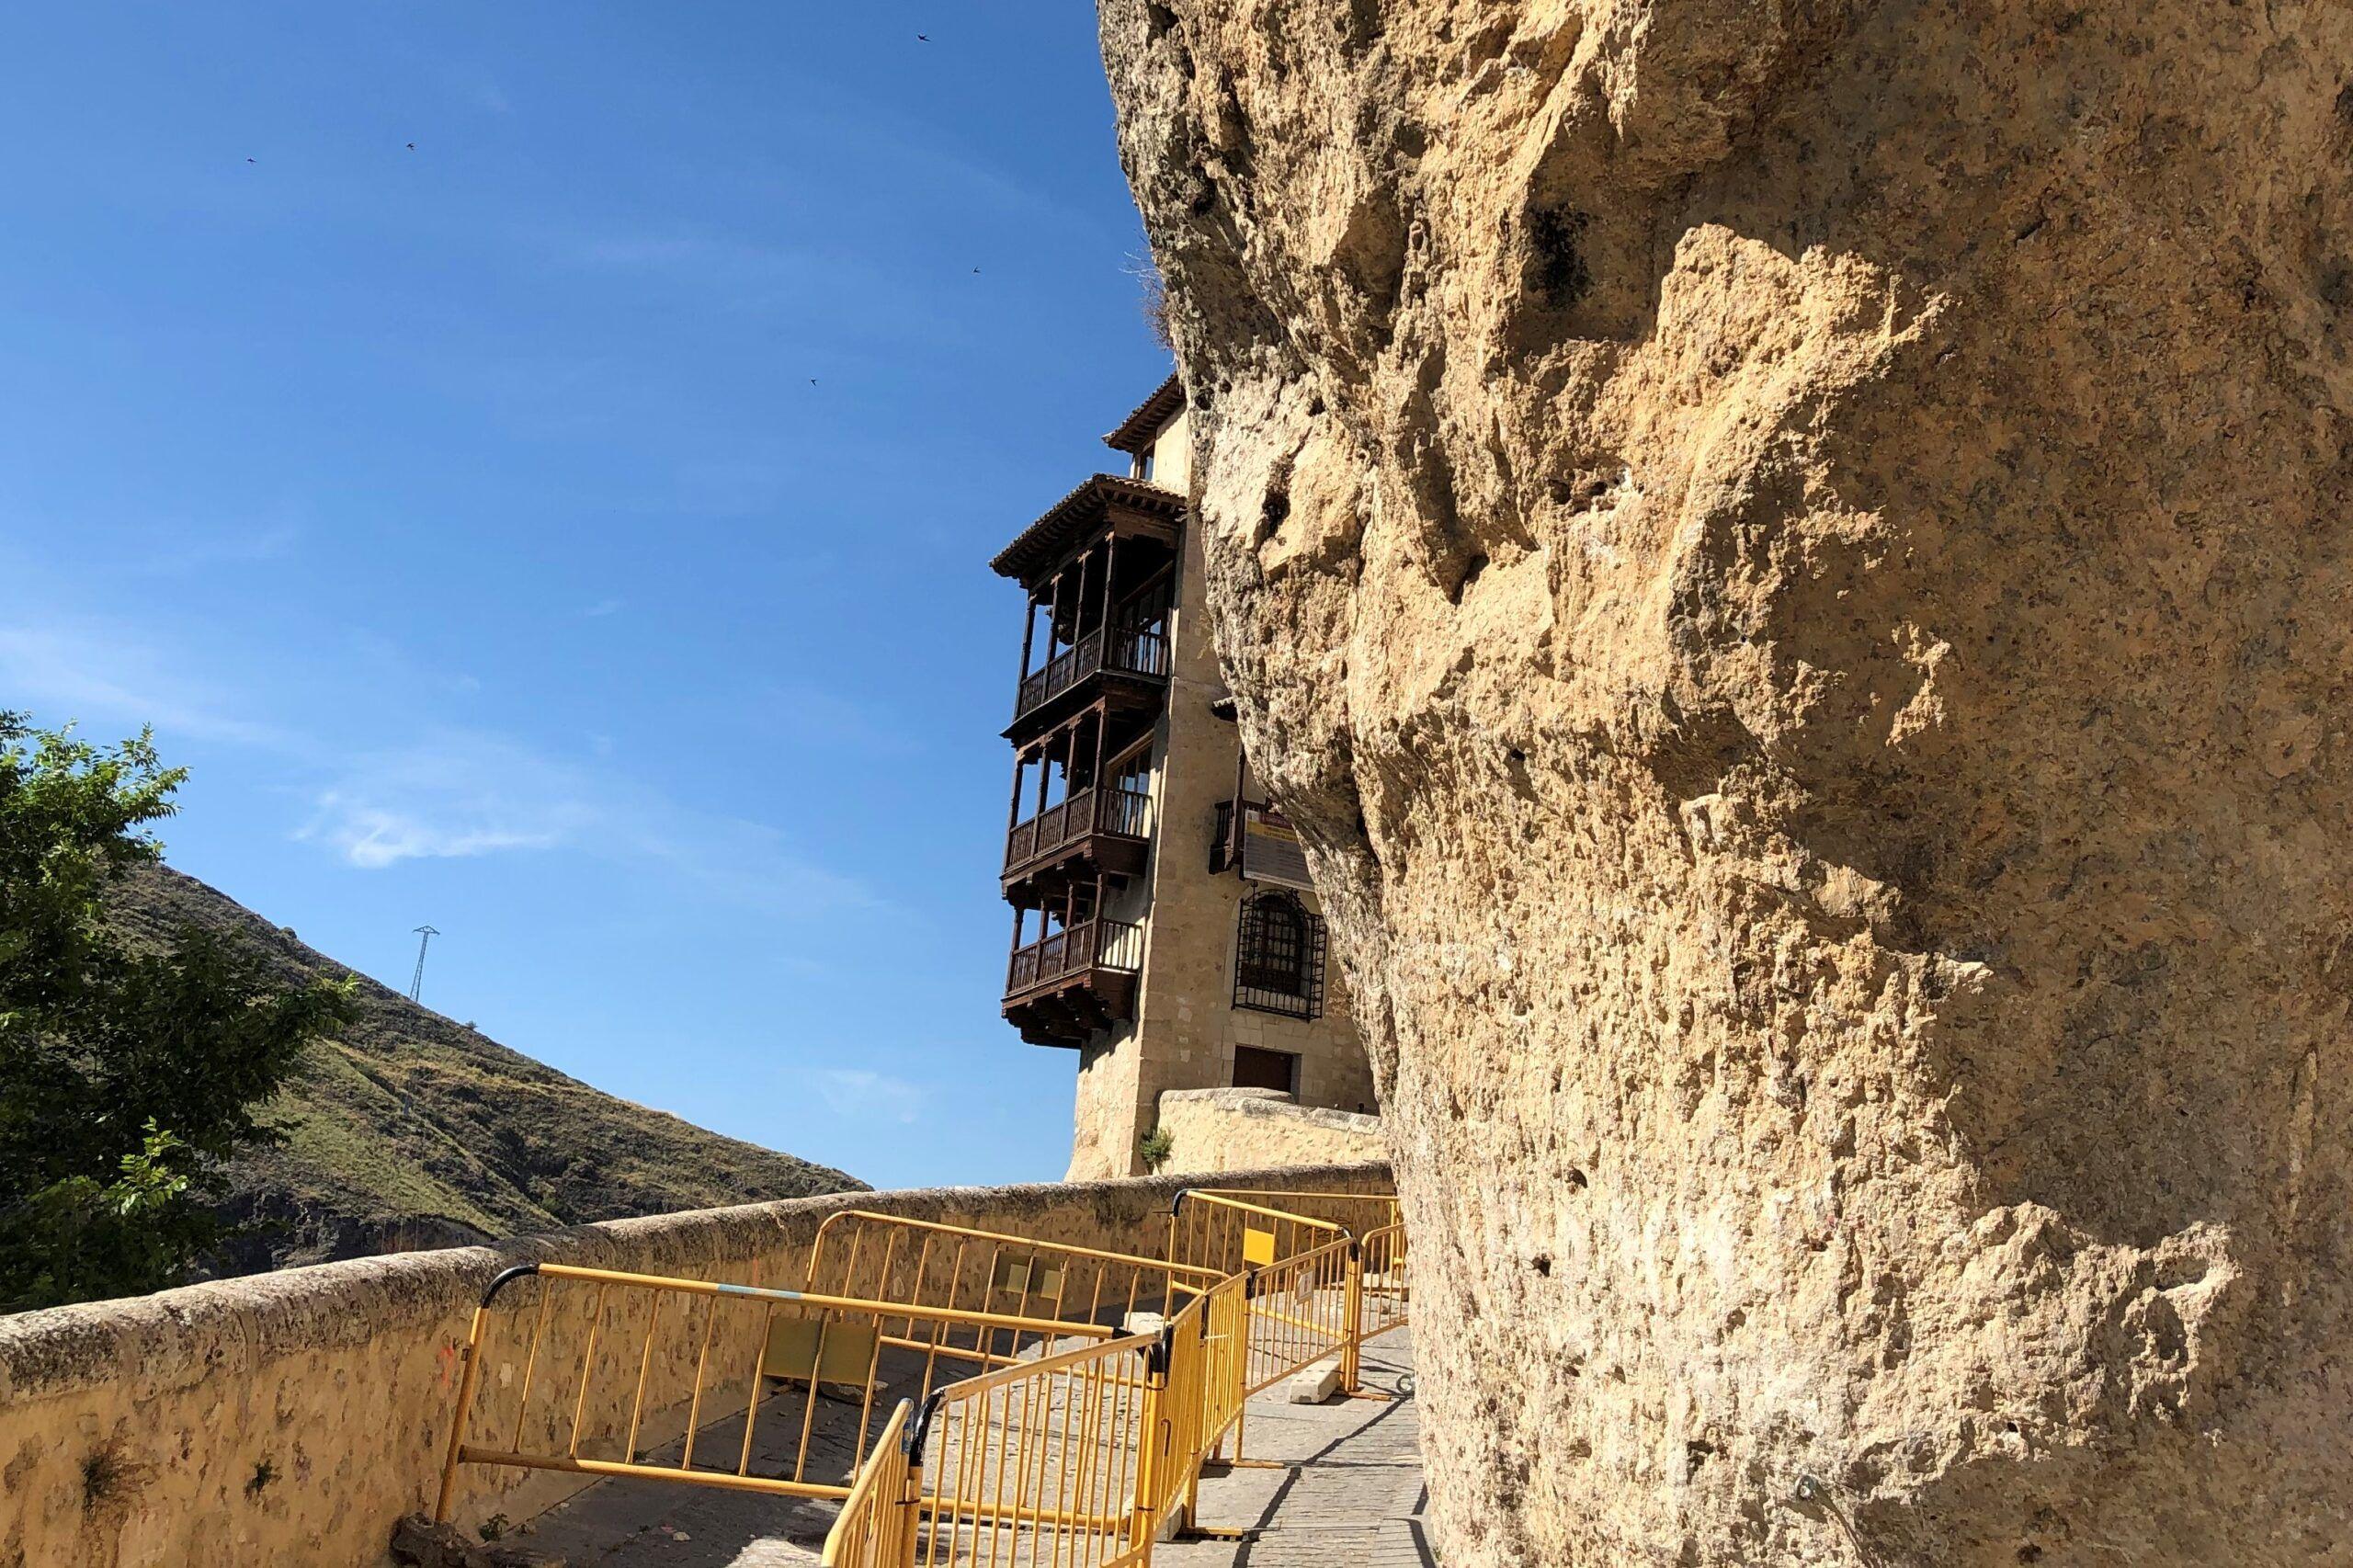 El Consorcio de la Ciudad de Cuenca aprueba el proyecto para la reparación del muro y sustitución del colector de la calle Canónigos